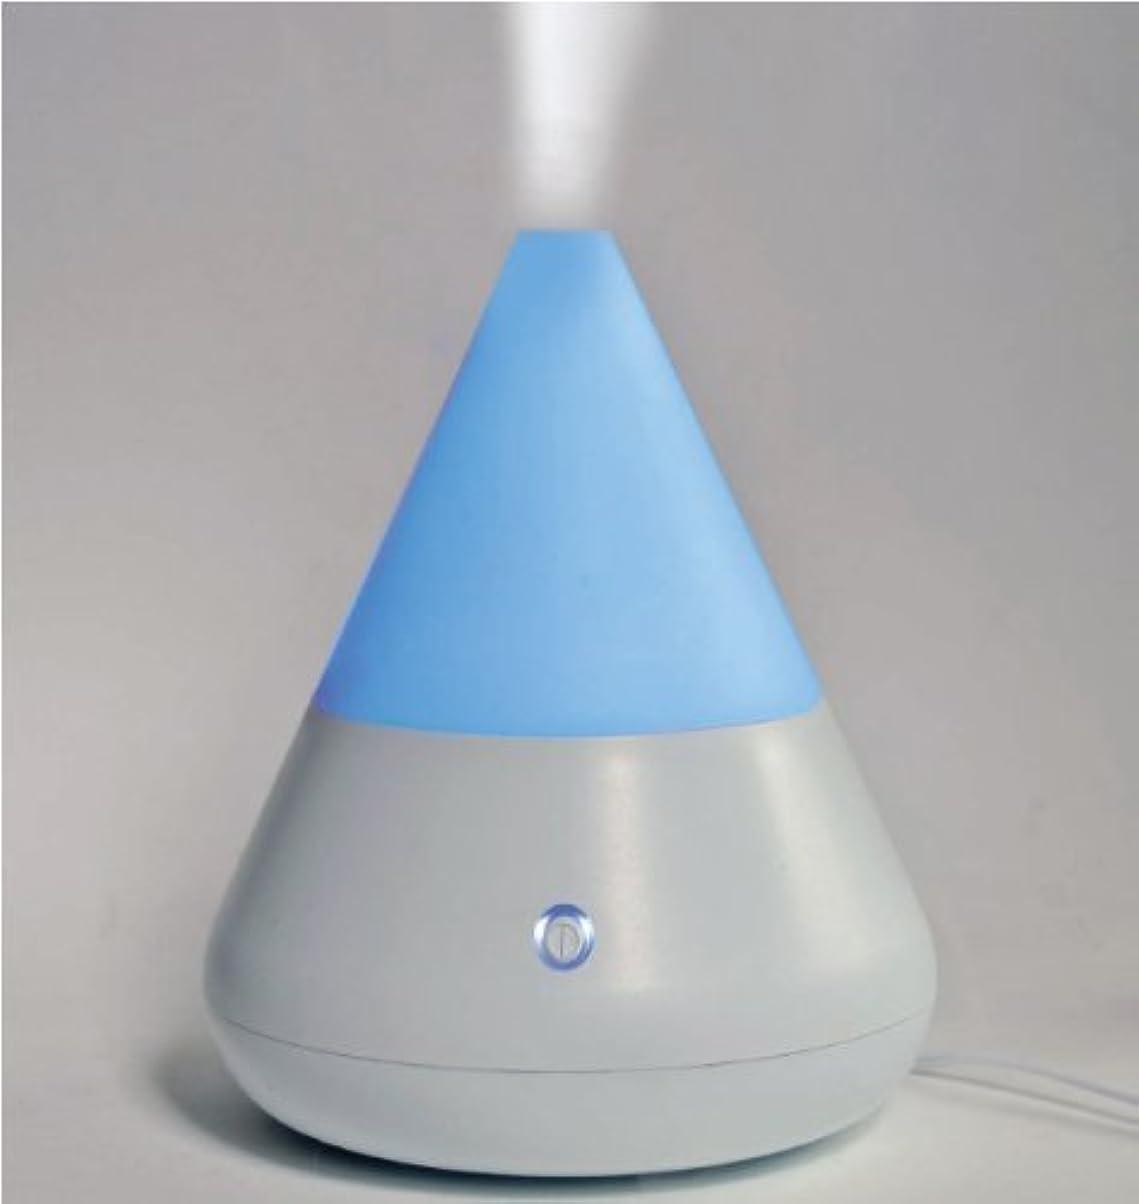 帳面スケッチそんなにSaachi アロマテラピー 超音波エッセンシャルオイル アロマディフューザー セラピーエアーフレッシュナー